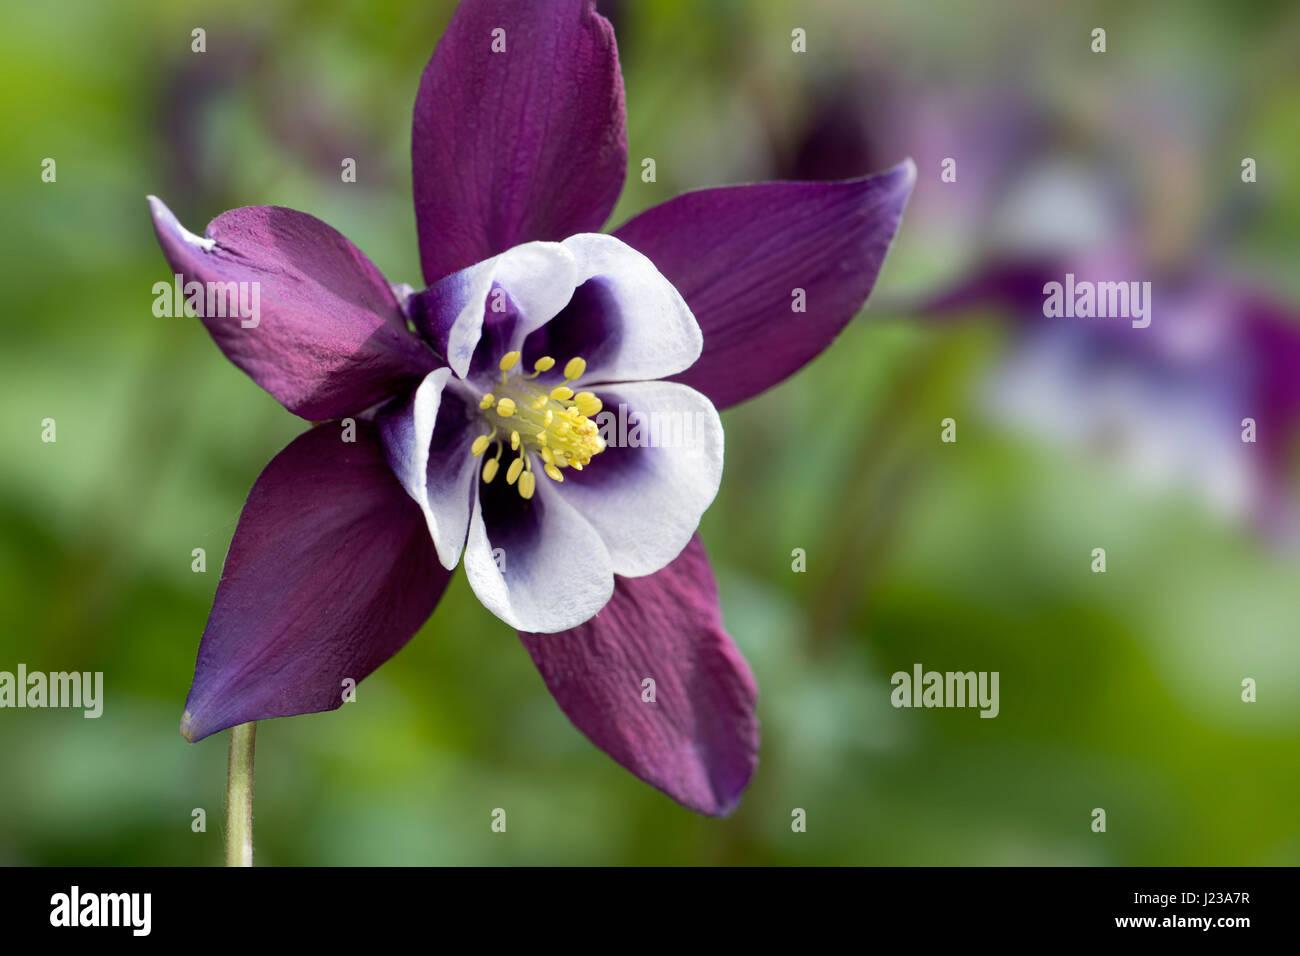 Grannys in flower aquilegia vulgaris stock photos grannys in close upmacro image of a spring flowering purple aquilegia vulgaris flower also dhlflorist Gallery